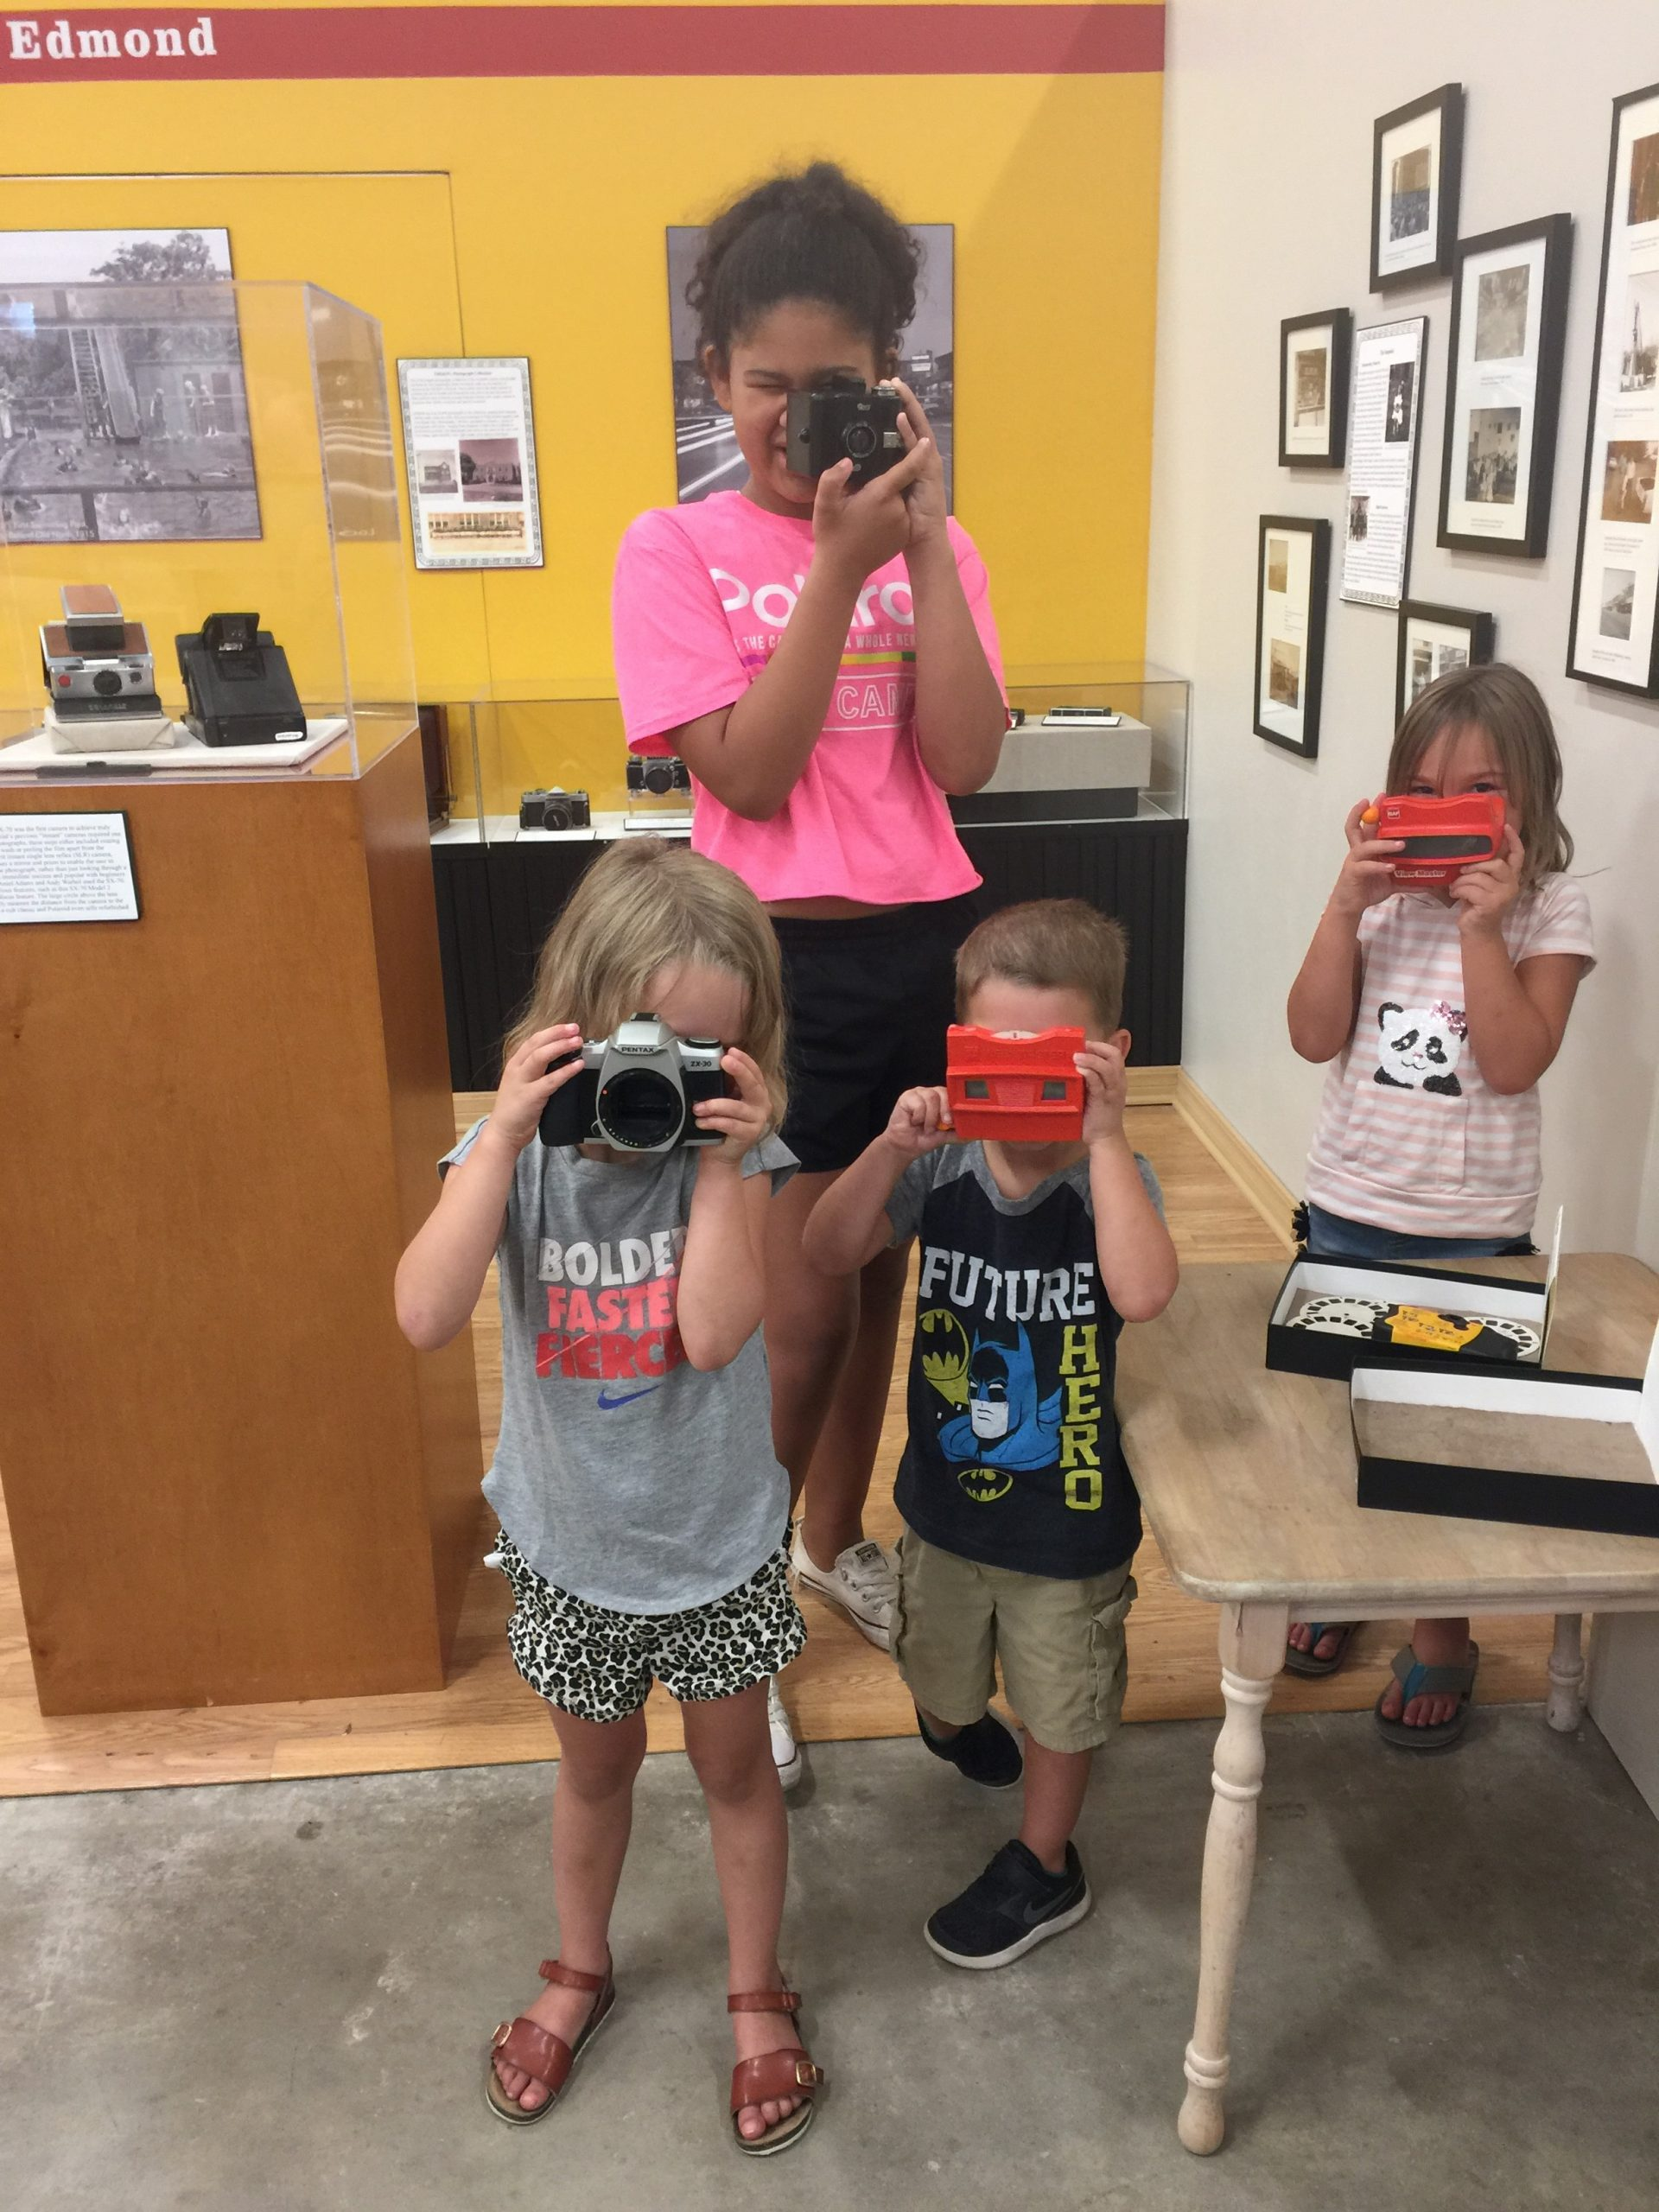 camera interactives